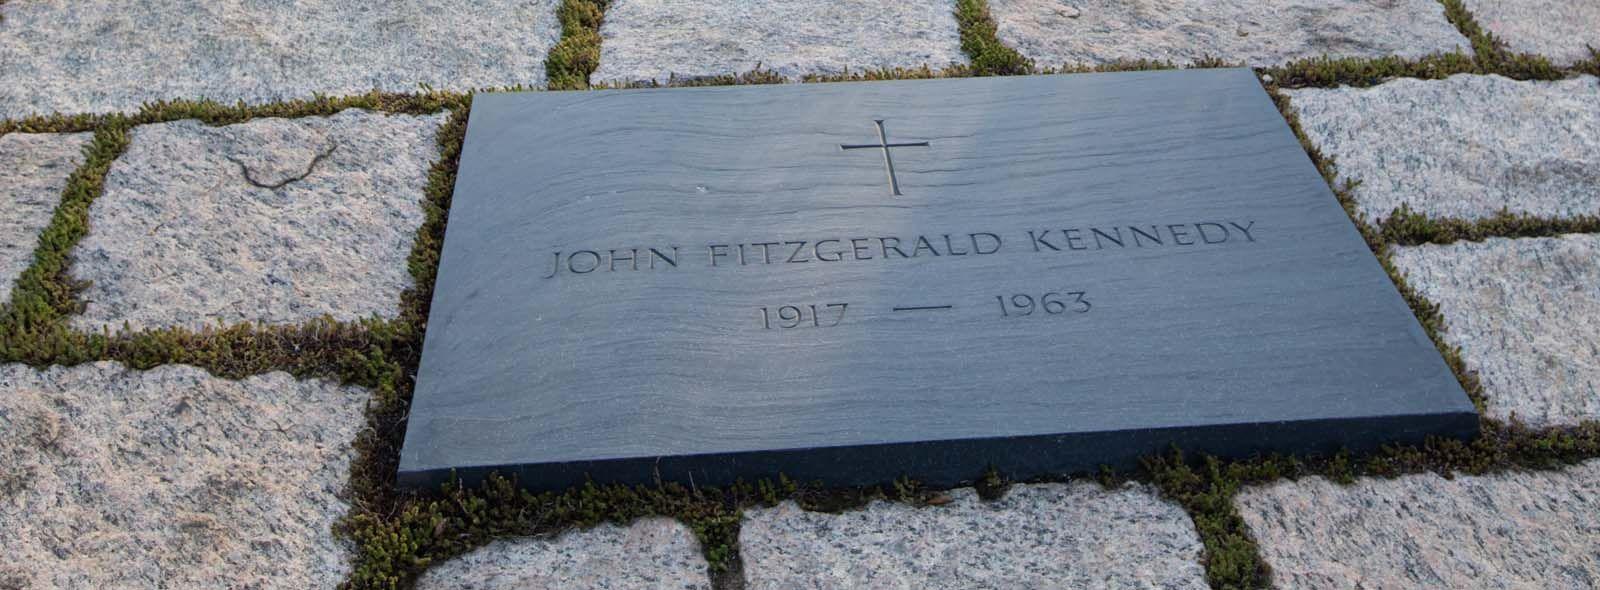 L'assassinio di Kennedy